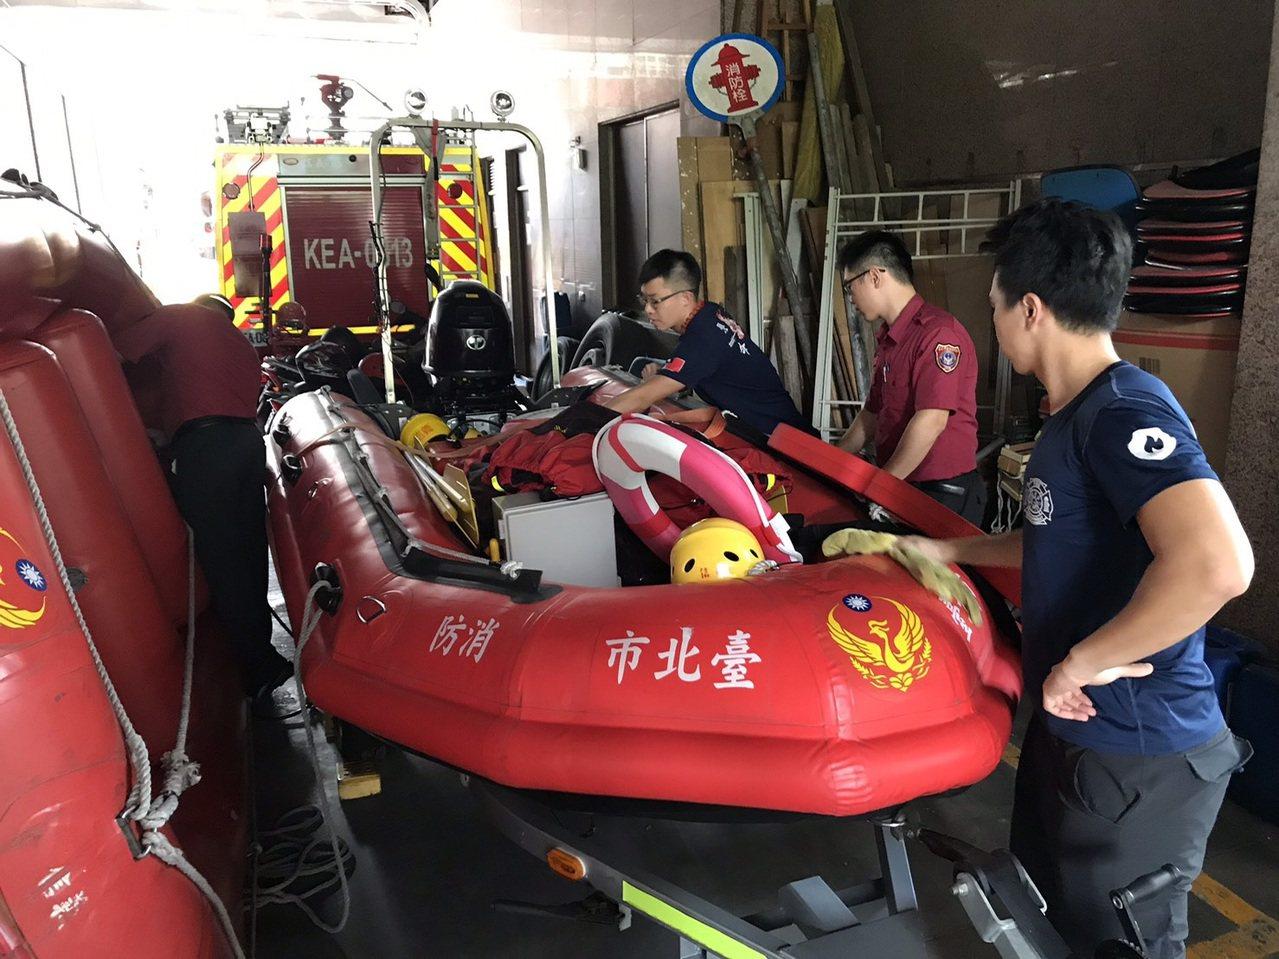 氣象局發布輕颱白鹿陸上颱風警報,台北市消防局持續整備,提醒民眾做好防颱工作。圖/...